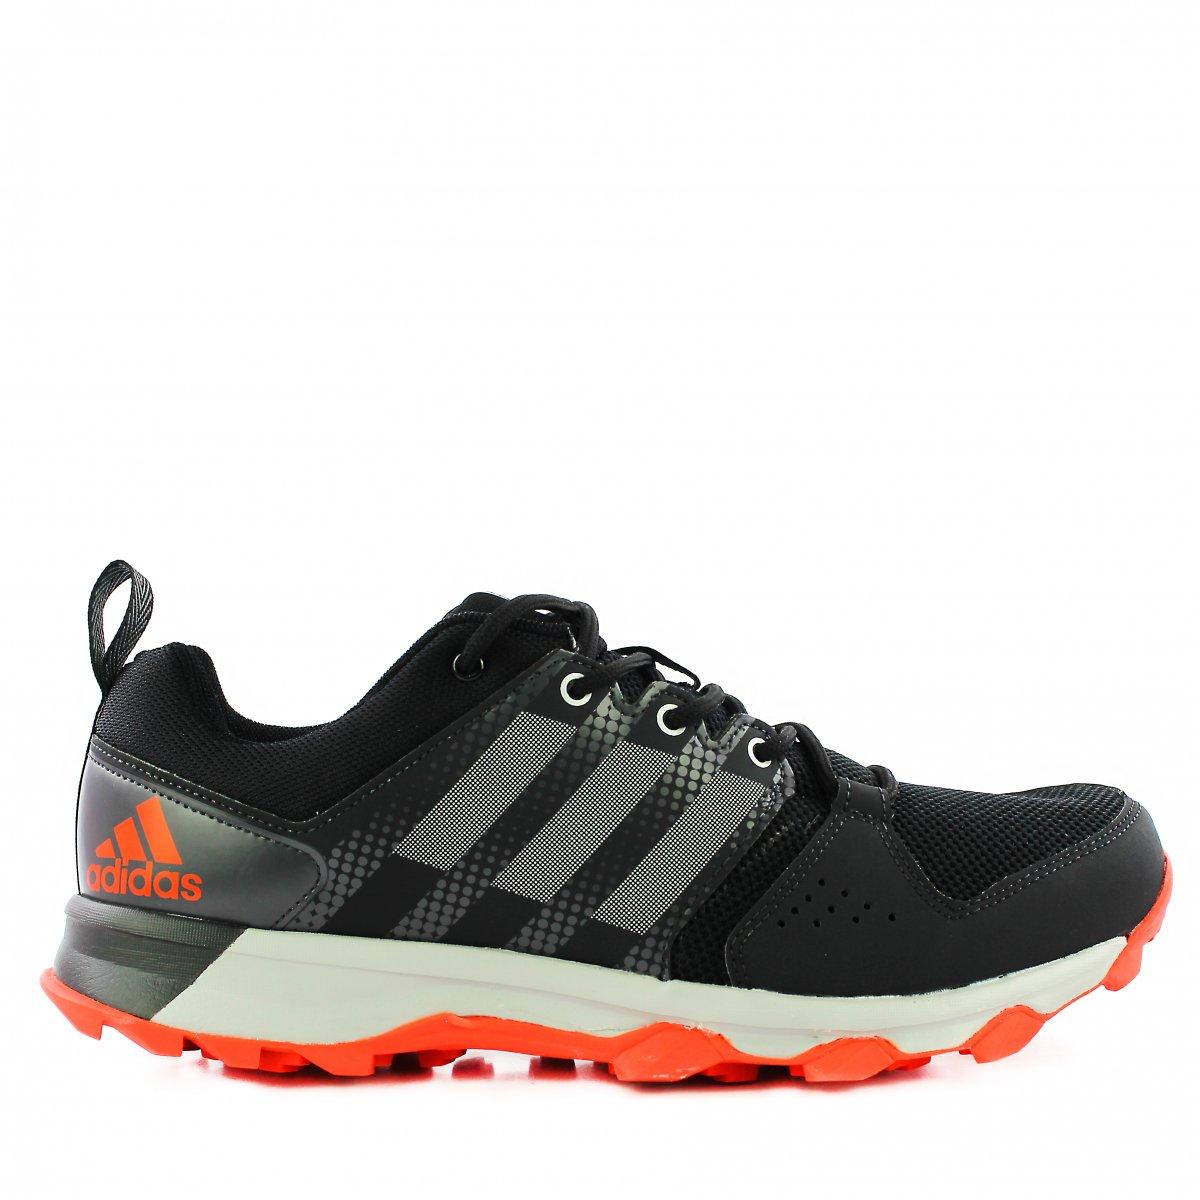 size 40 a64f1 f45f8 Tenis Adidas Galaxy Trail m